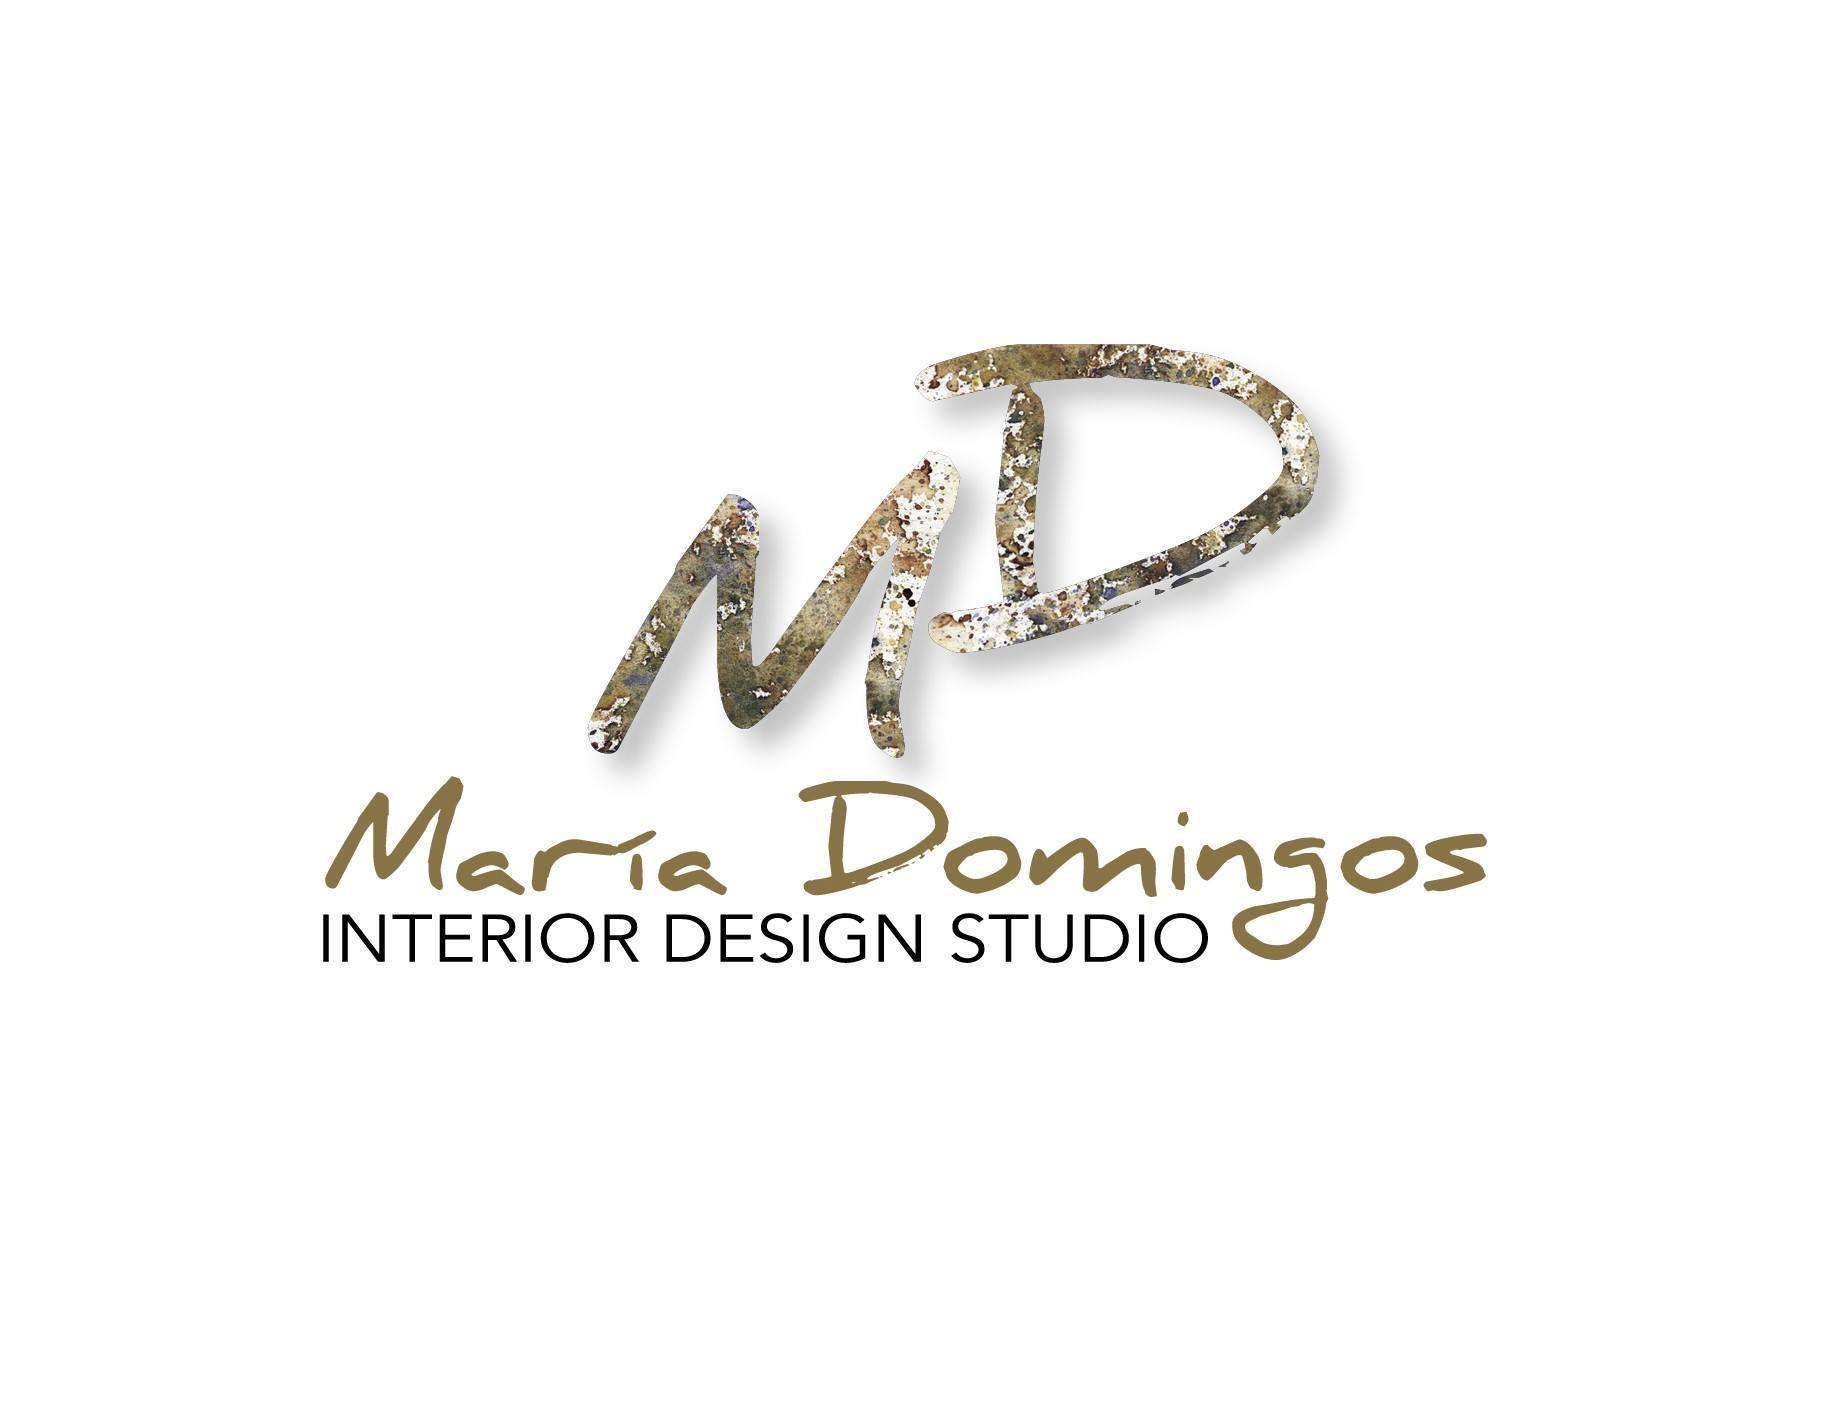 María Domingos - Interior Design Studio